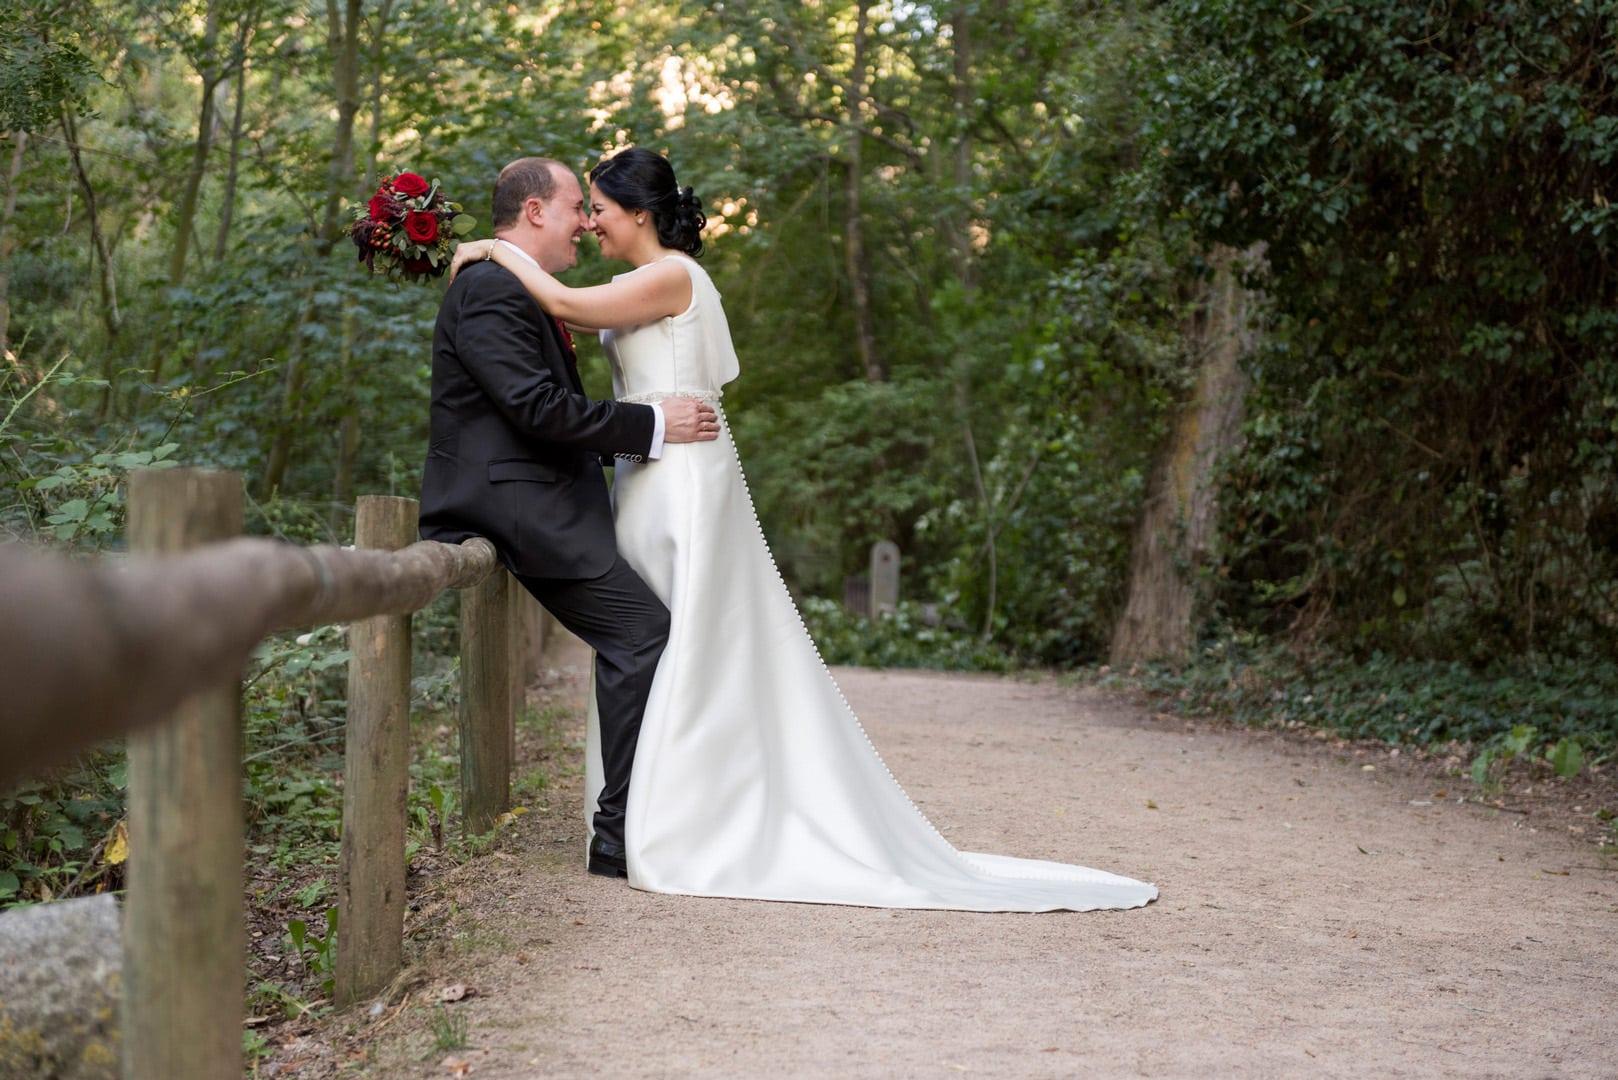 beso novios ZAZU-boda-divertida-en-rojo-Segovia25